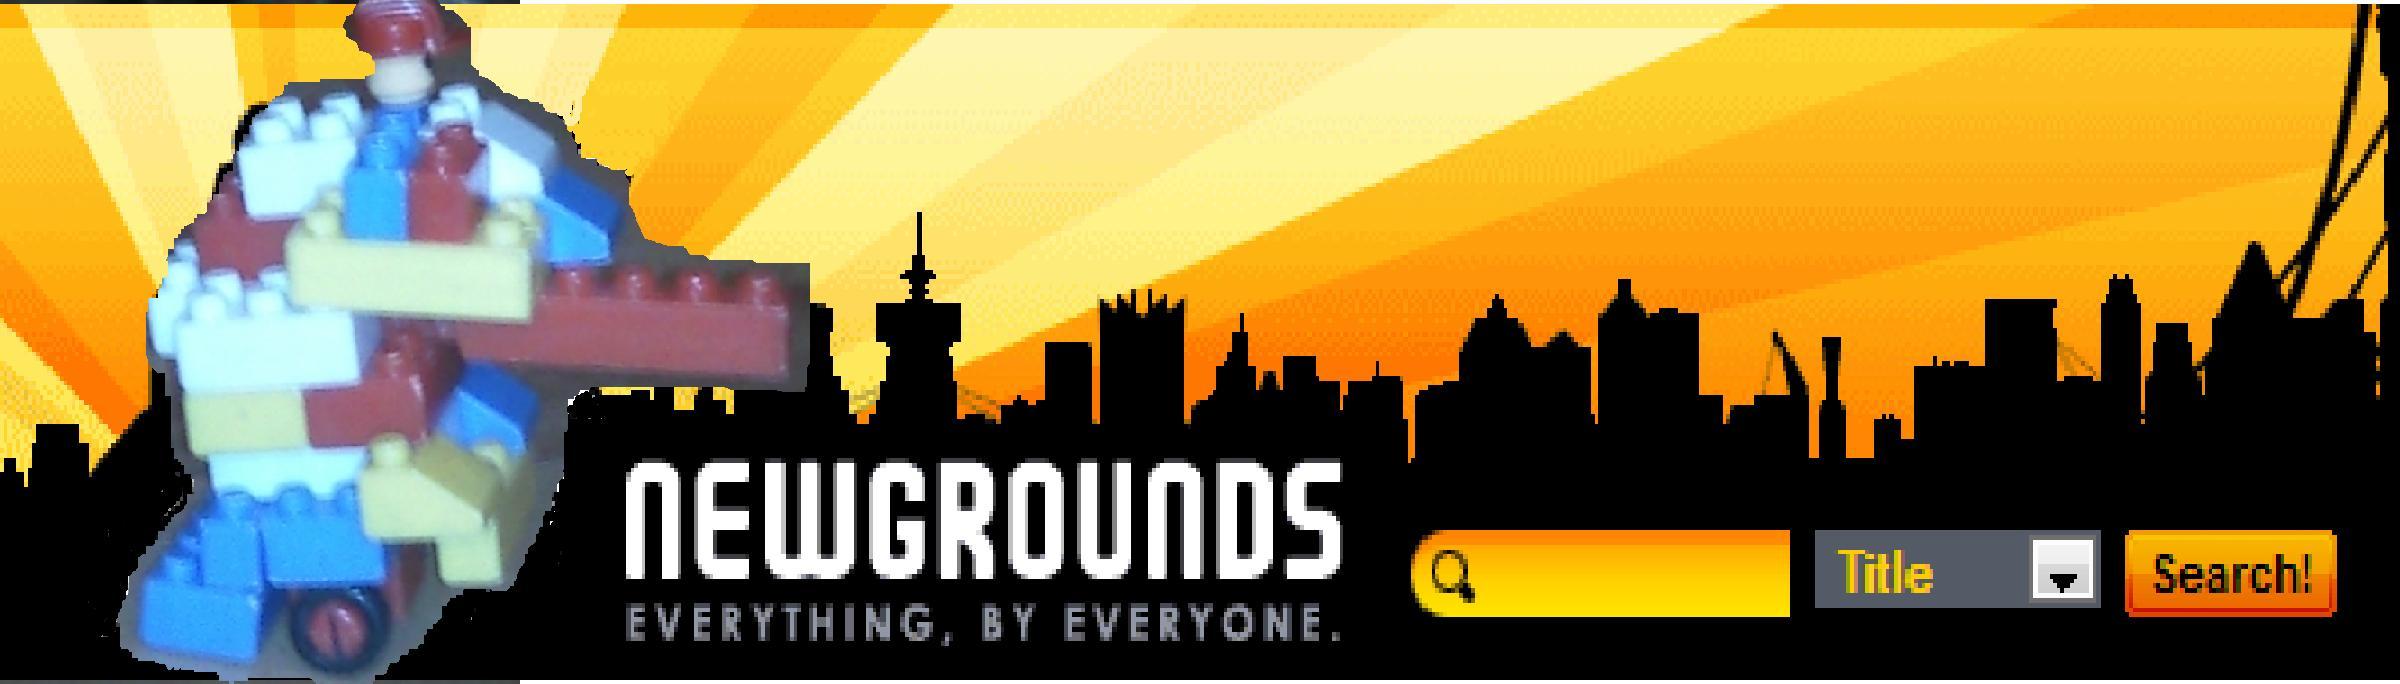 newgrounds lego